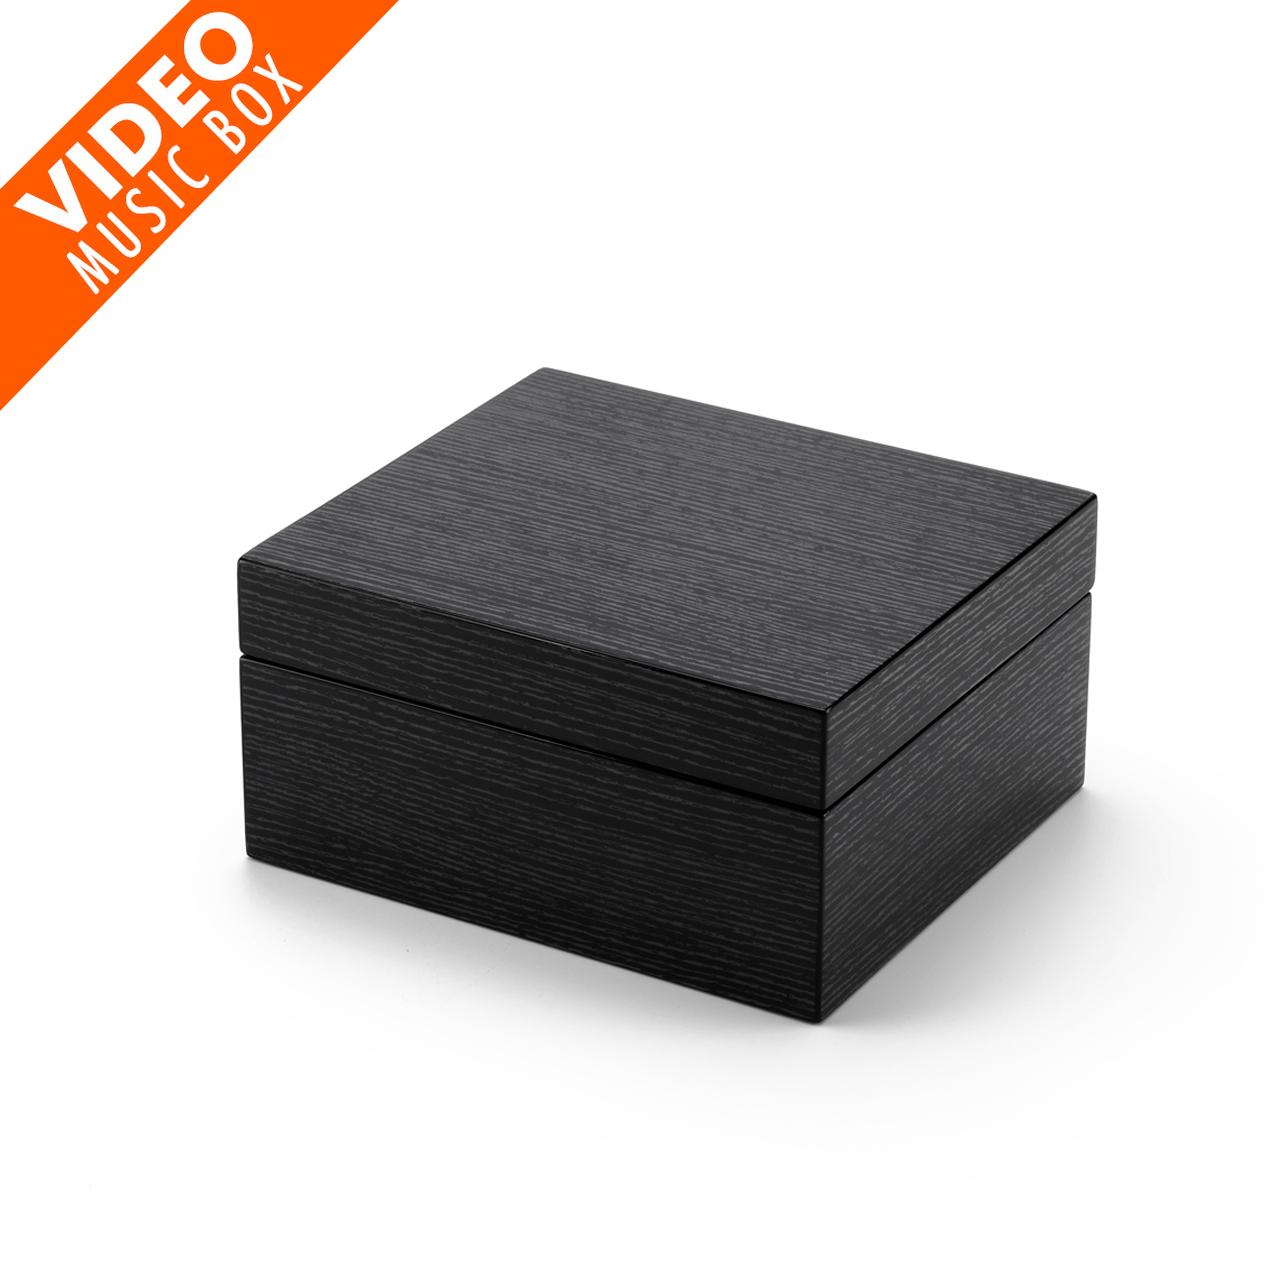 Ultra-Modern 18 Note Hi Gloss Black Apricot Finish 3.6 LCD Video Jewelry Box